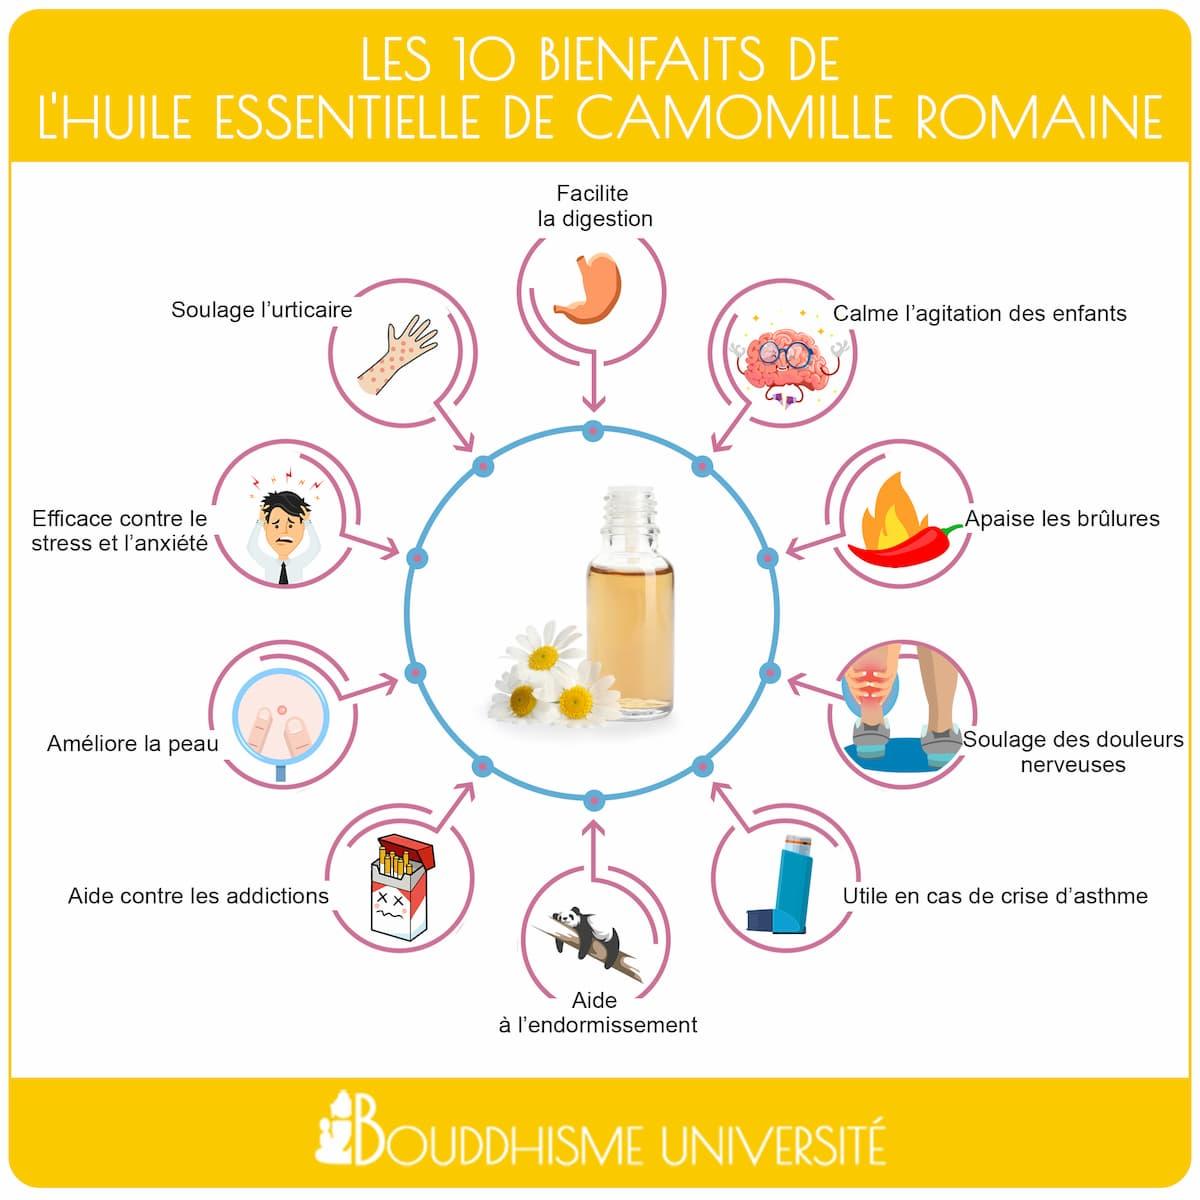 bienfaits huile essentielle de caomille romaine